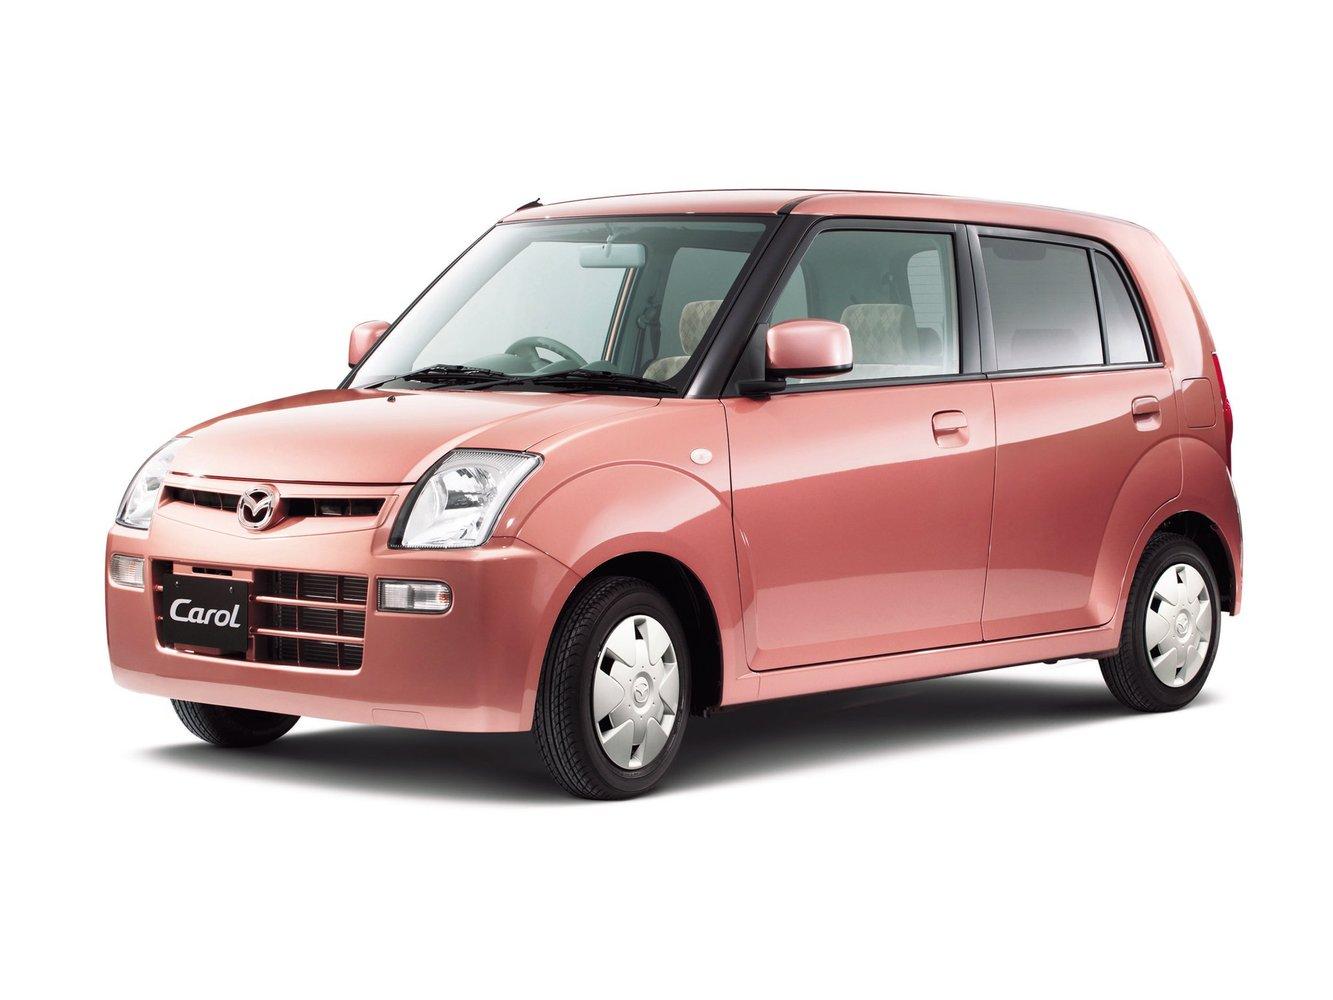 mazda Mazda Carol